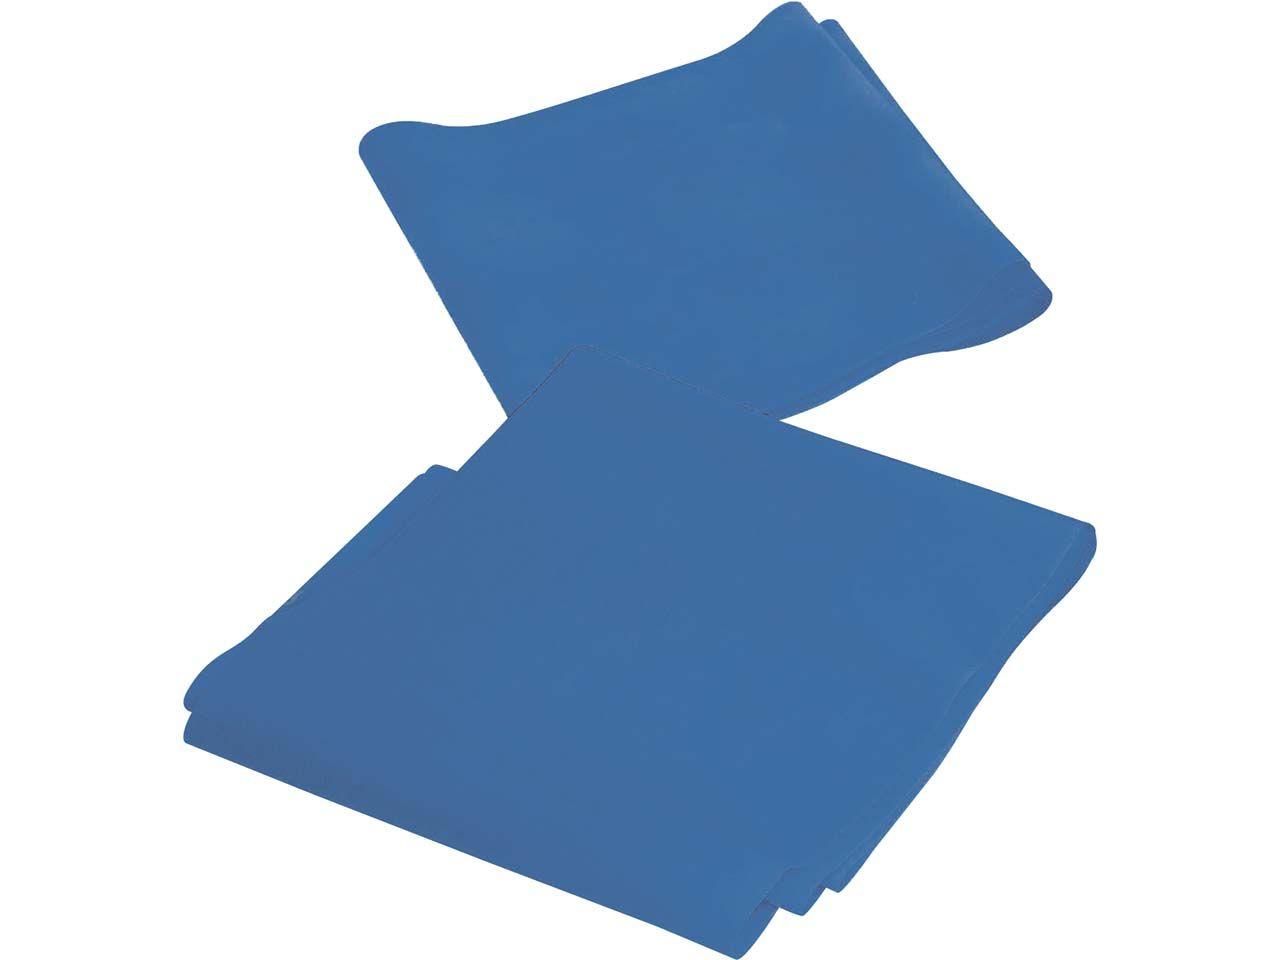 """Fitnessband """"Fortgeschrittene"""", blau, 150 x 15 cm, mit Übungsanleitung"""